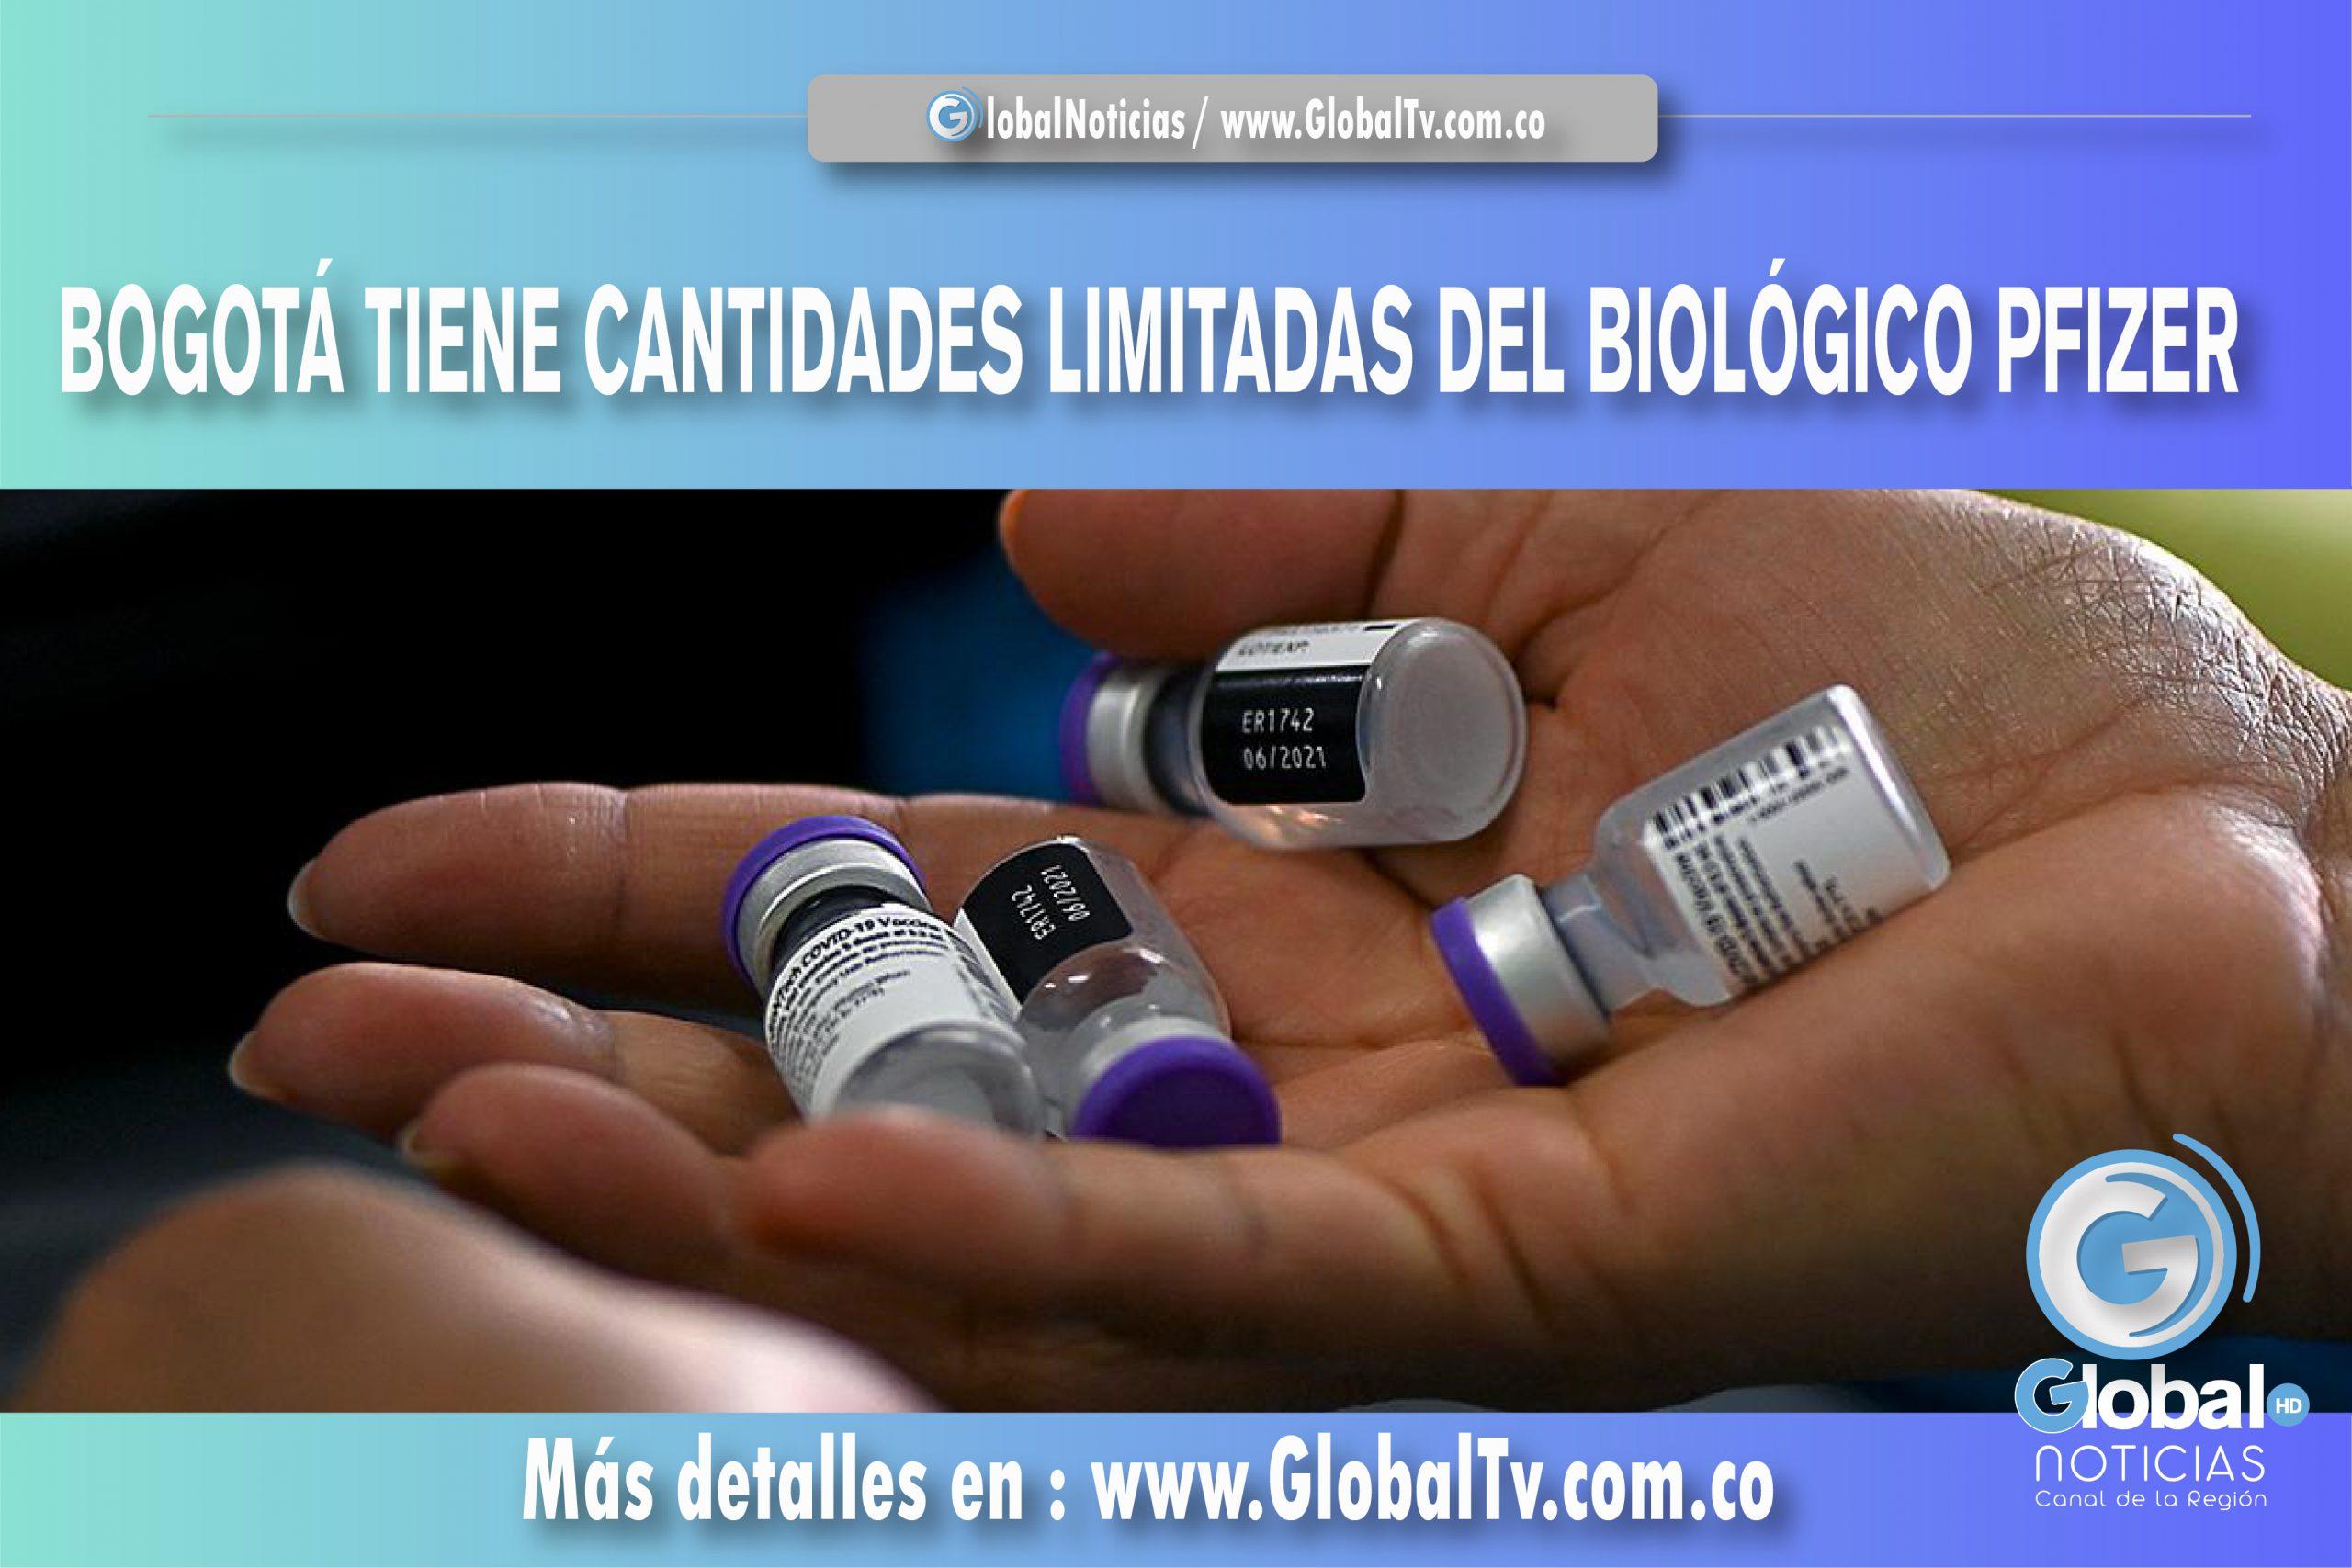 BOGOTÁ TIENE CANTIDADES LIMITADAS DEL BIOLÓGICO PFIZER